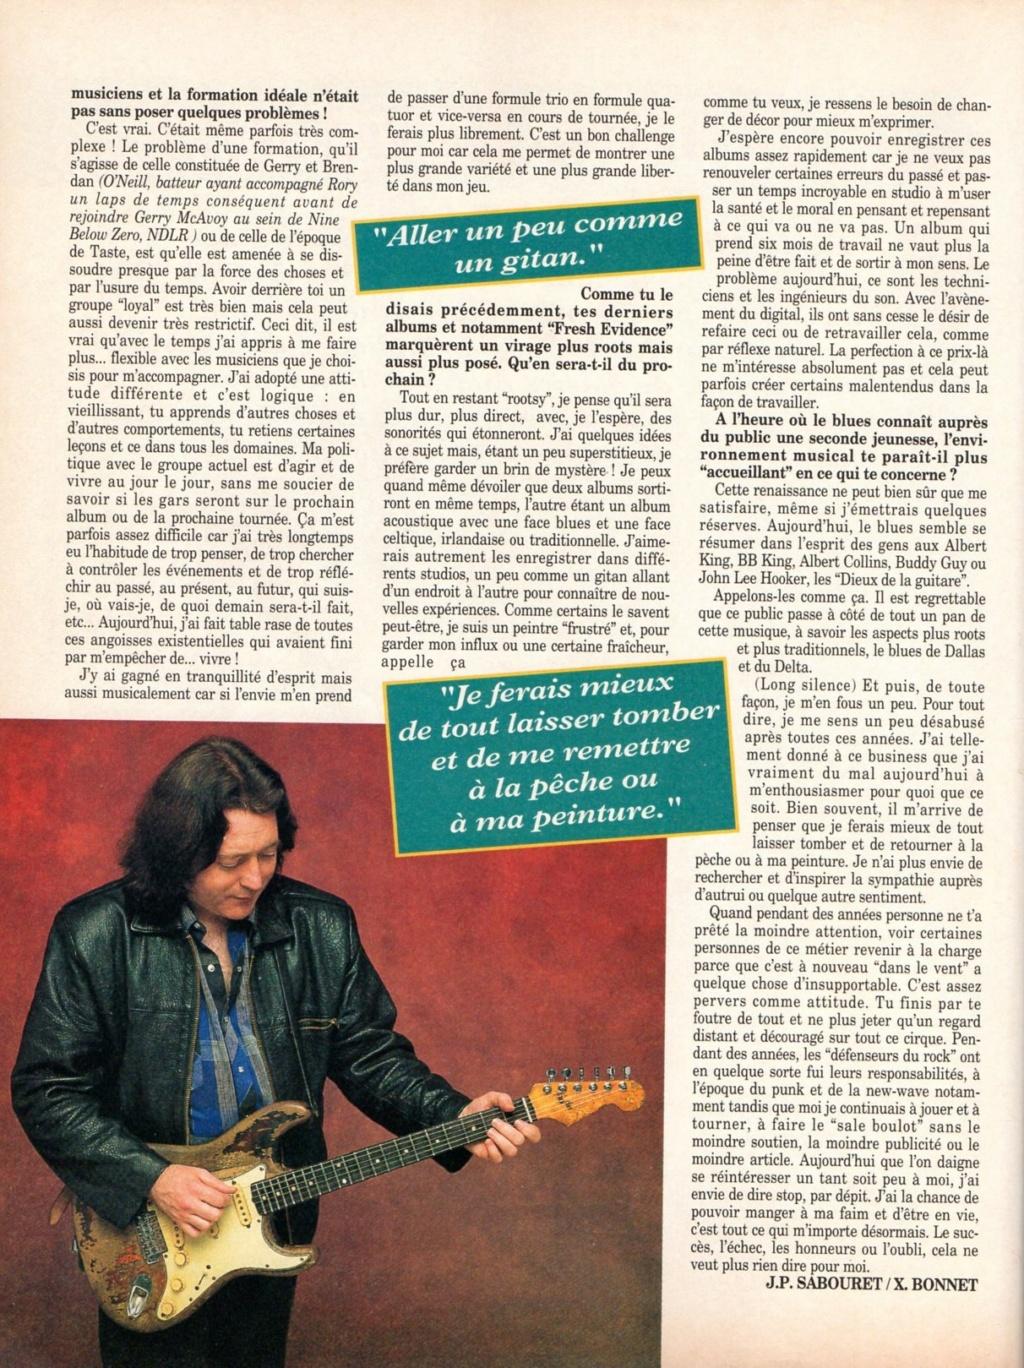 Rory dans les revues et les mags - Page 22 Rory_g13